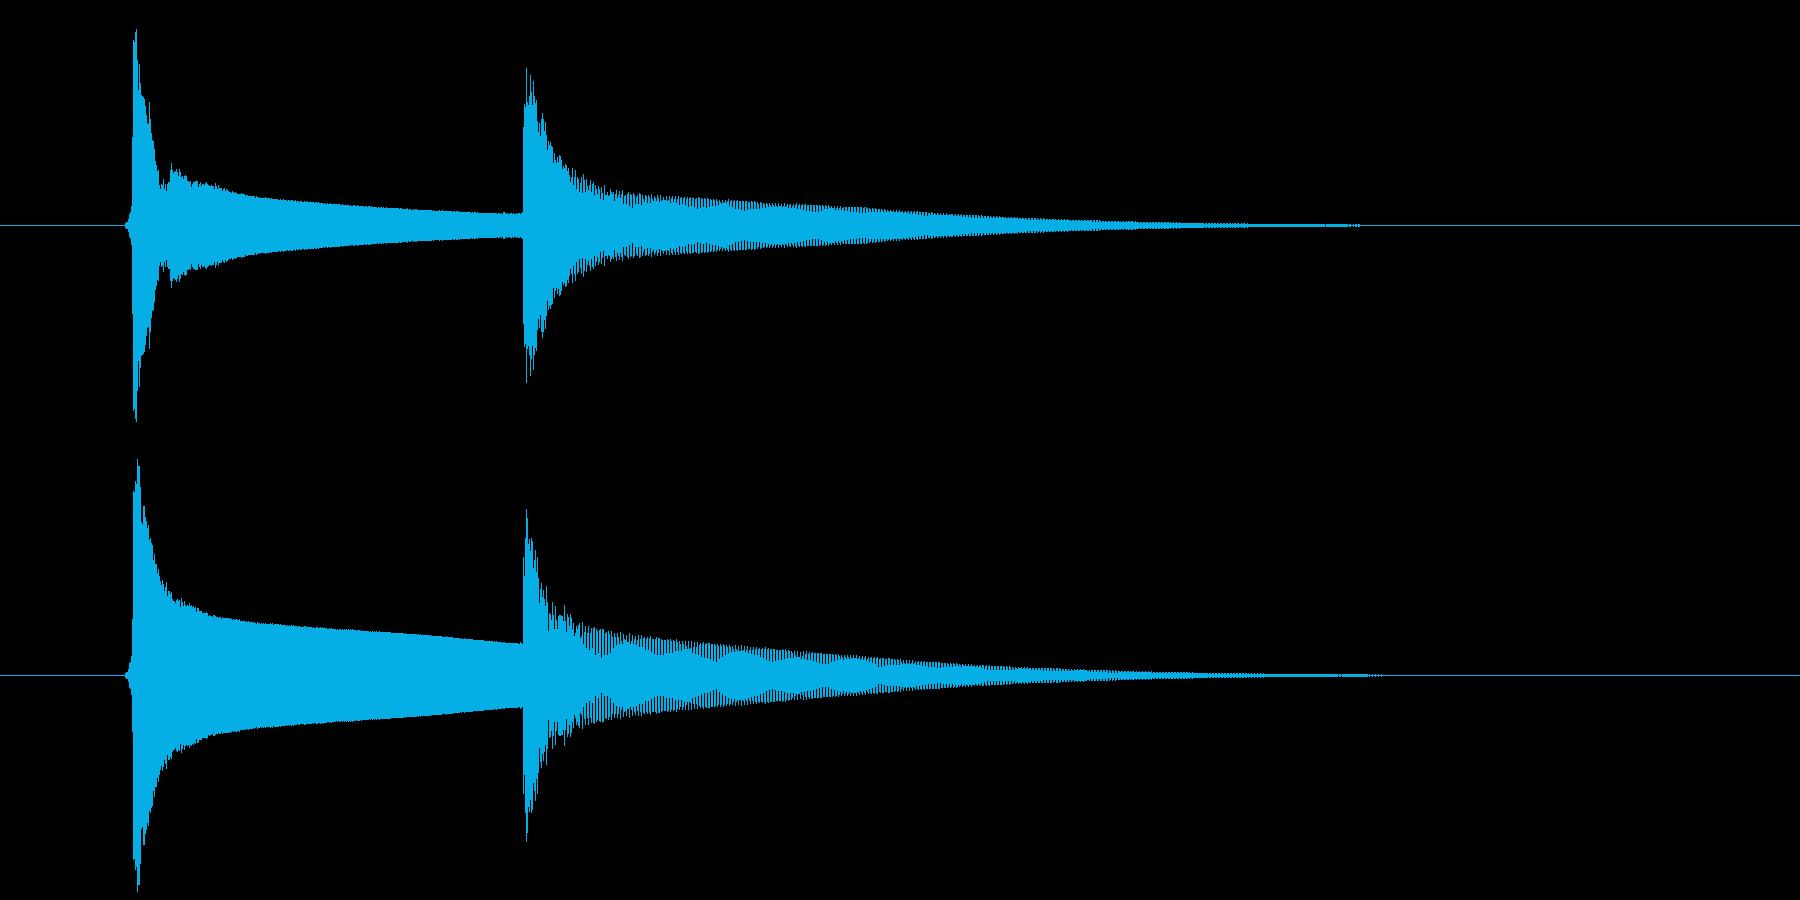 【生録音】ピンポーン(速度-遅め)の再生済みの波形